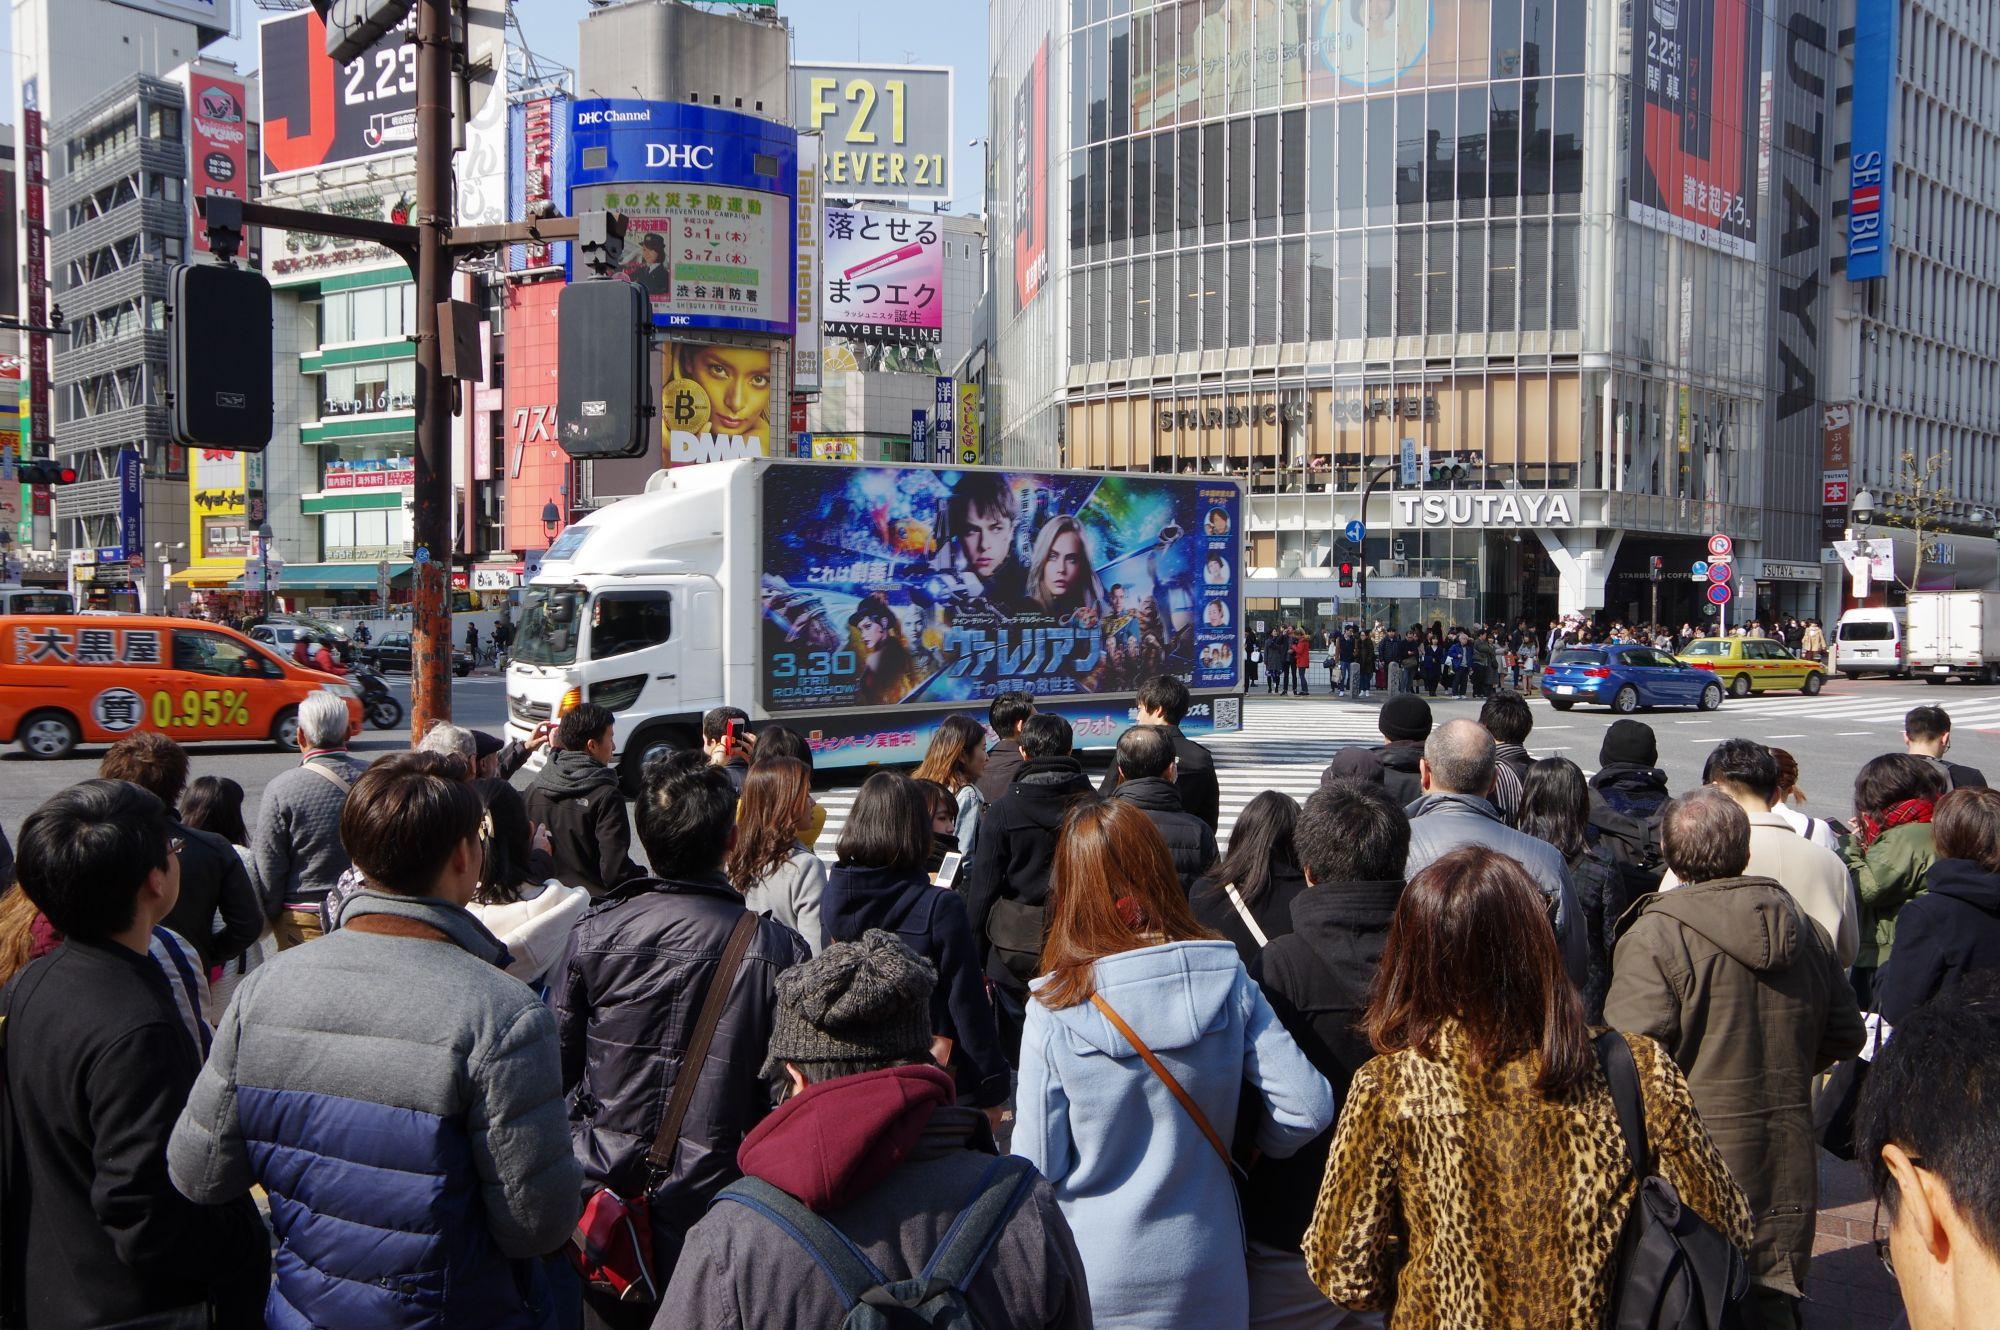 ETJJ_shibuya.jpg